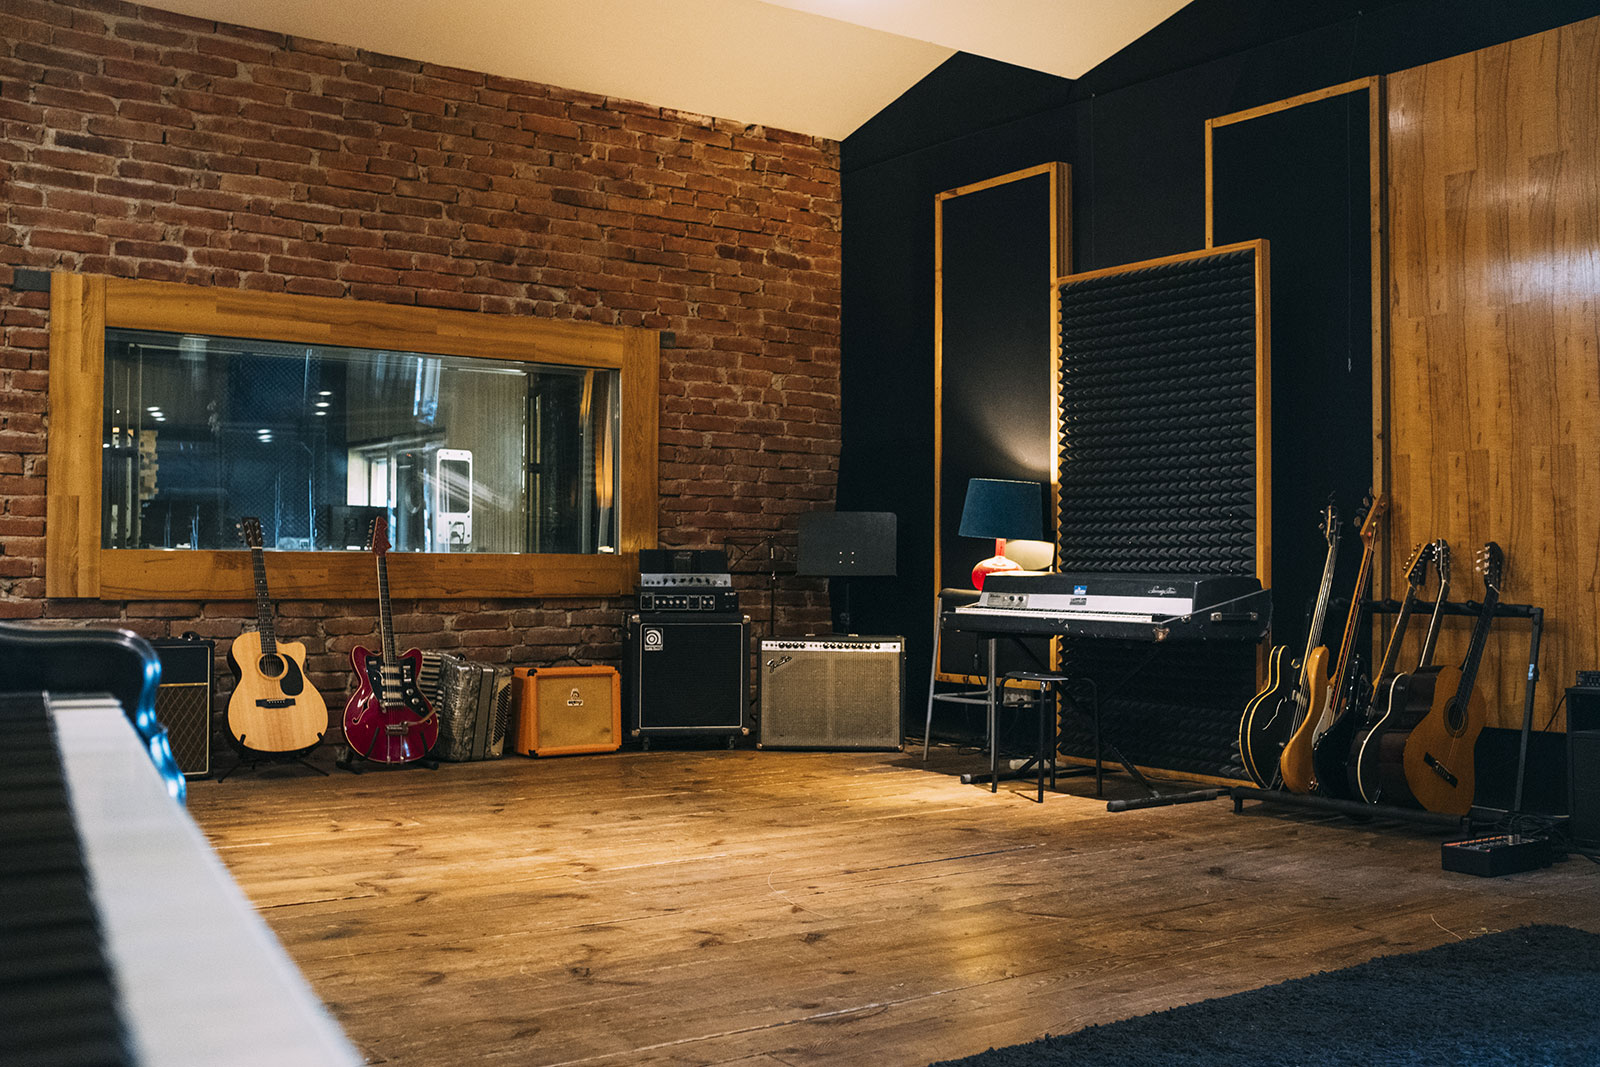 LVGNC Studios